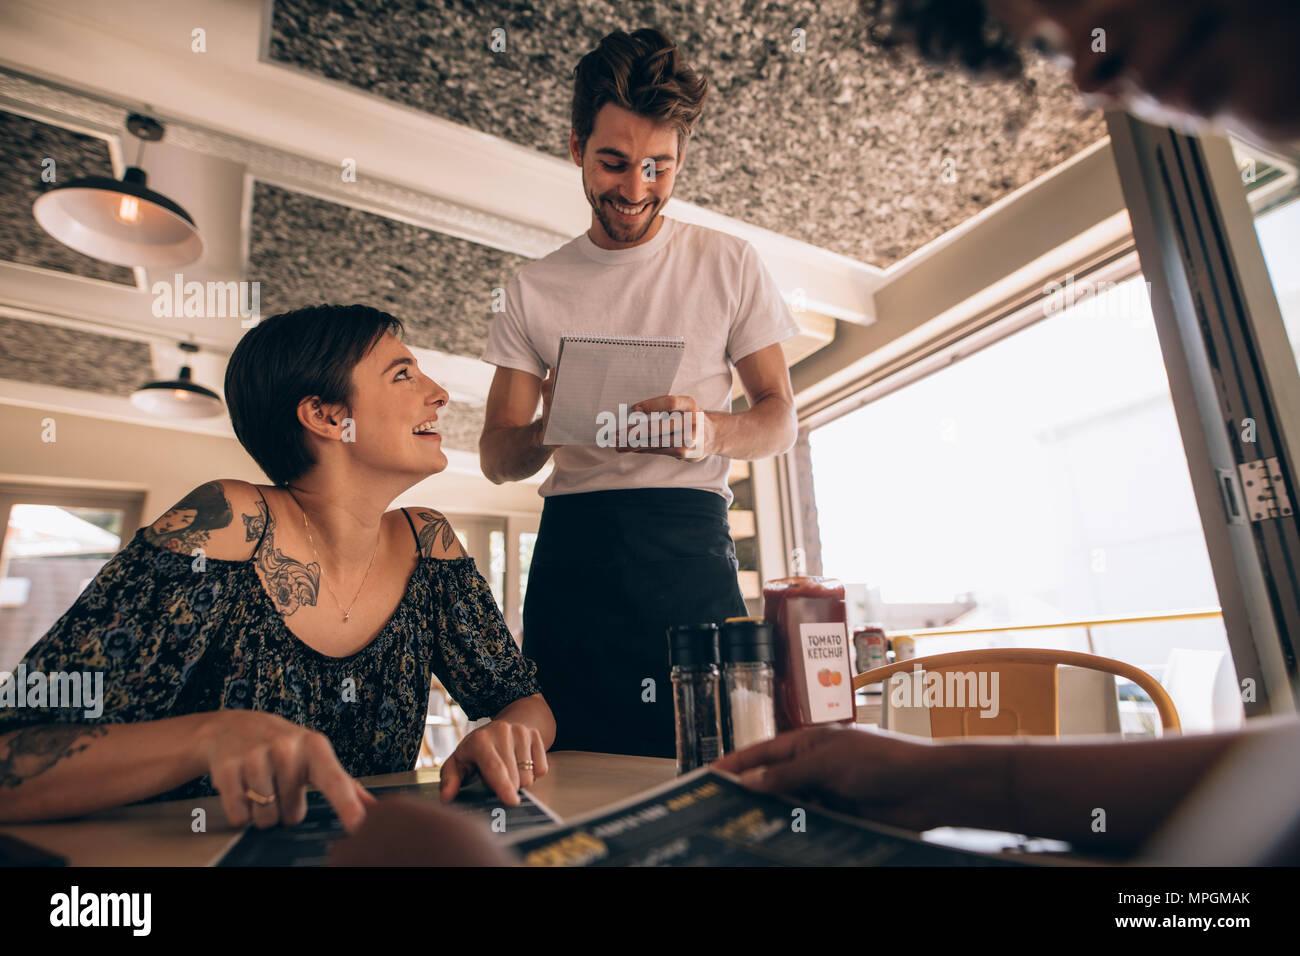 6160721b4fe126 Frau Kellner im Restaurant zu sprechen. Junge Frau im Cafe sitzen mit  Kellner die Bestellung.